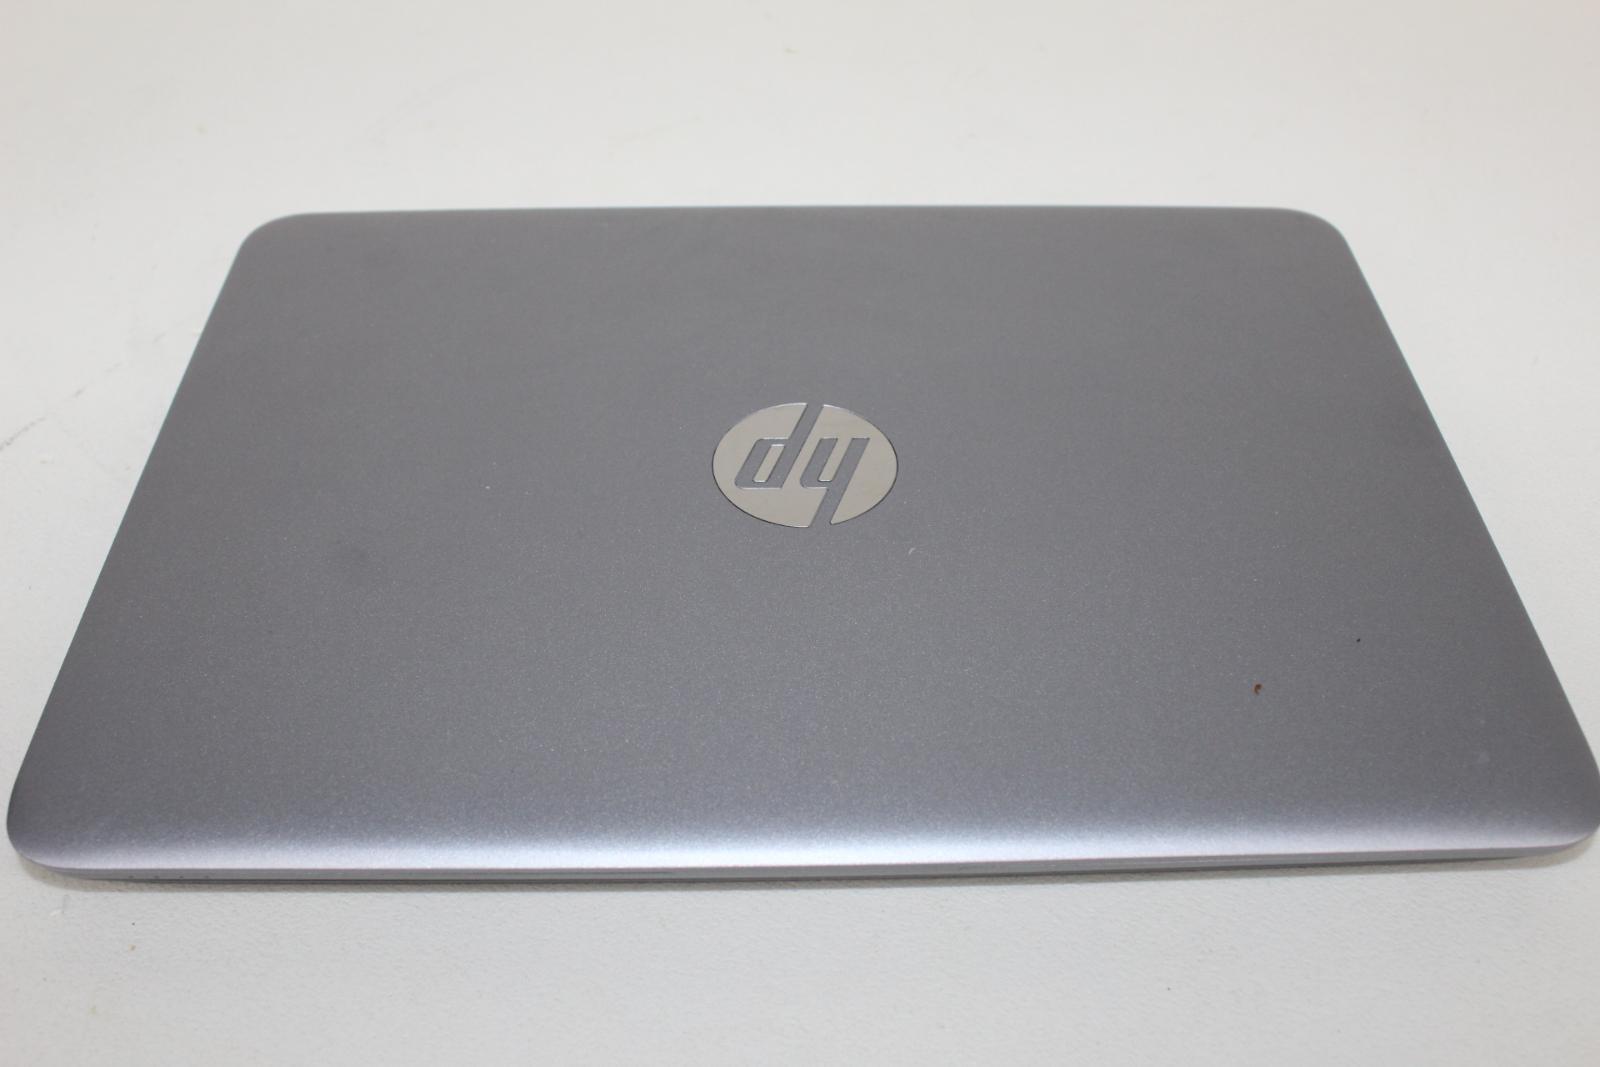 HP-Elite-Book-820-G3-IntelCore-i5-vPro-sans-disque-dur-RAM-Ordinateur-Portable-Ultrabook-Ordinateur miniature 7